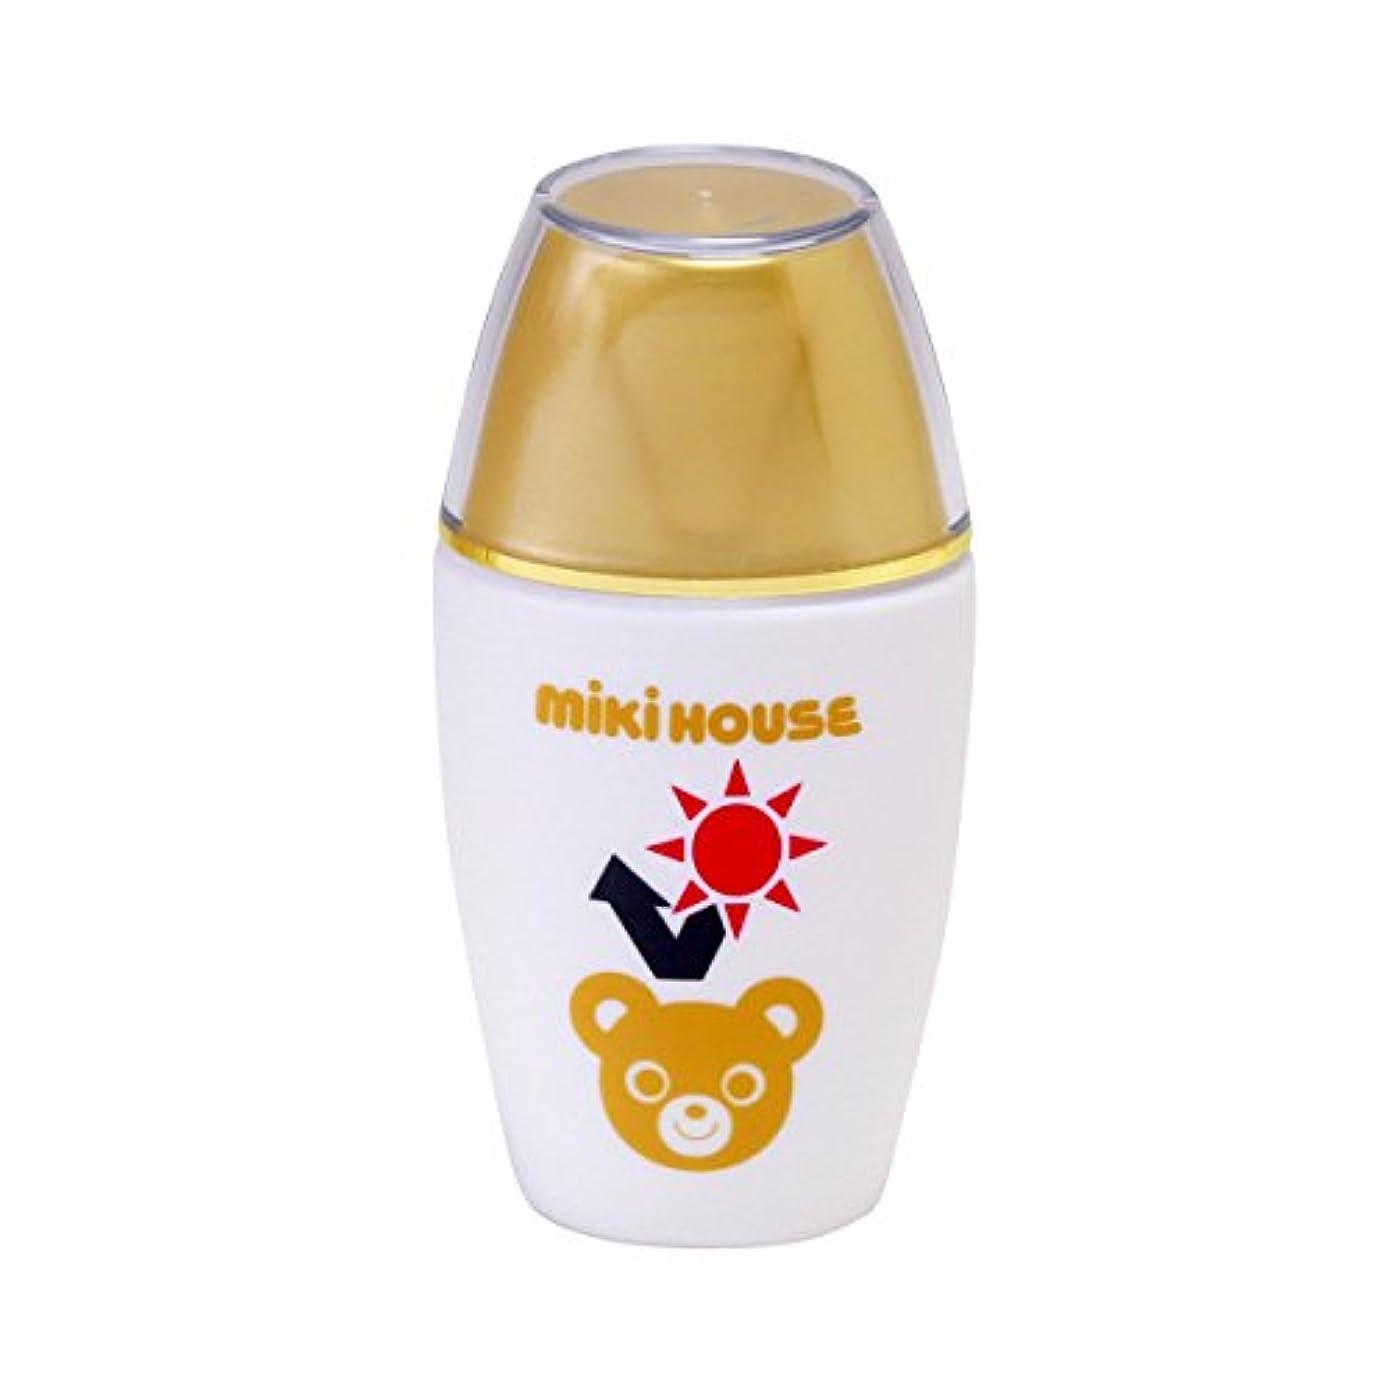 ミキハウス (MIKIHOUSE) UVカットミルク 15-3050-787 - -